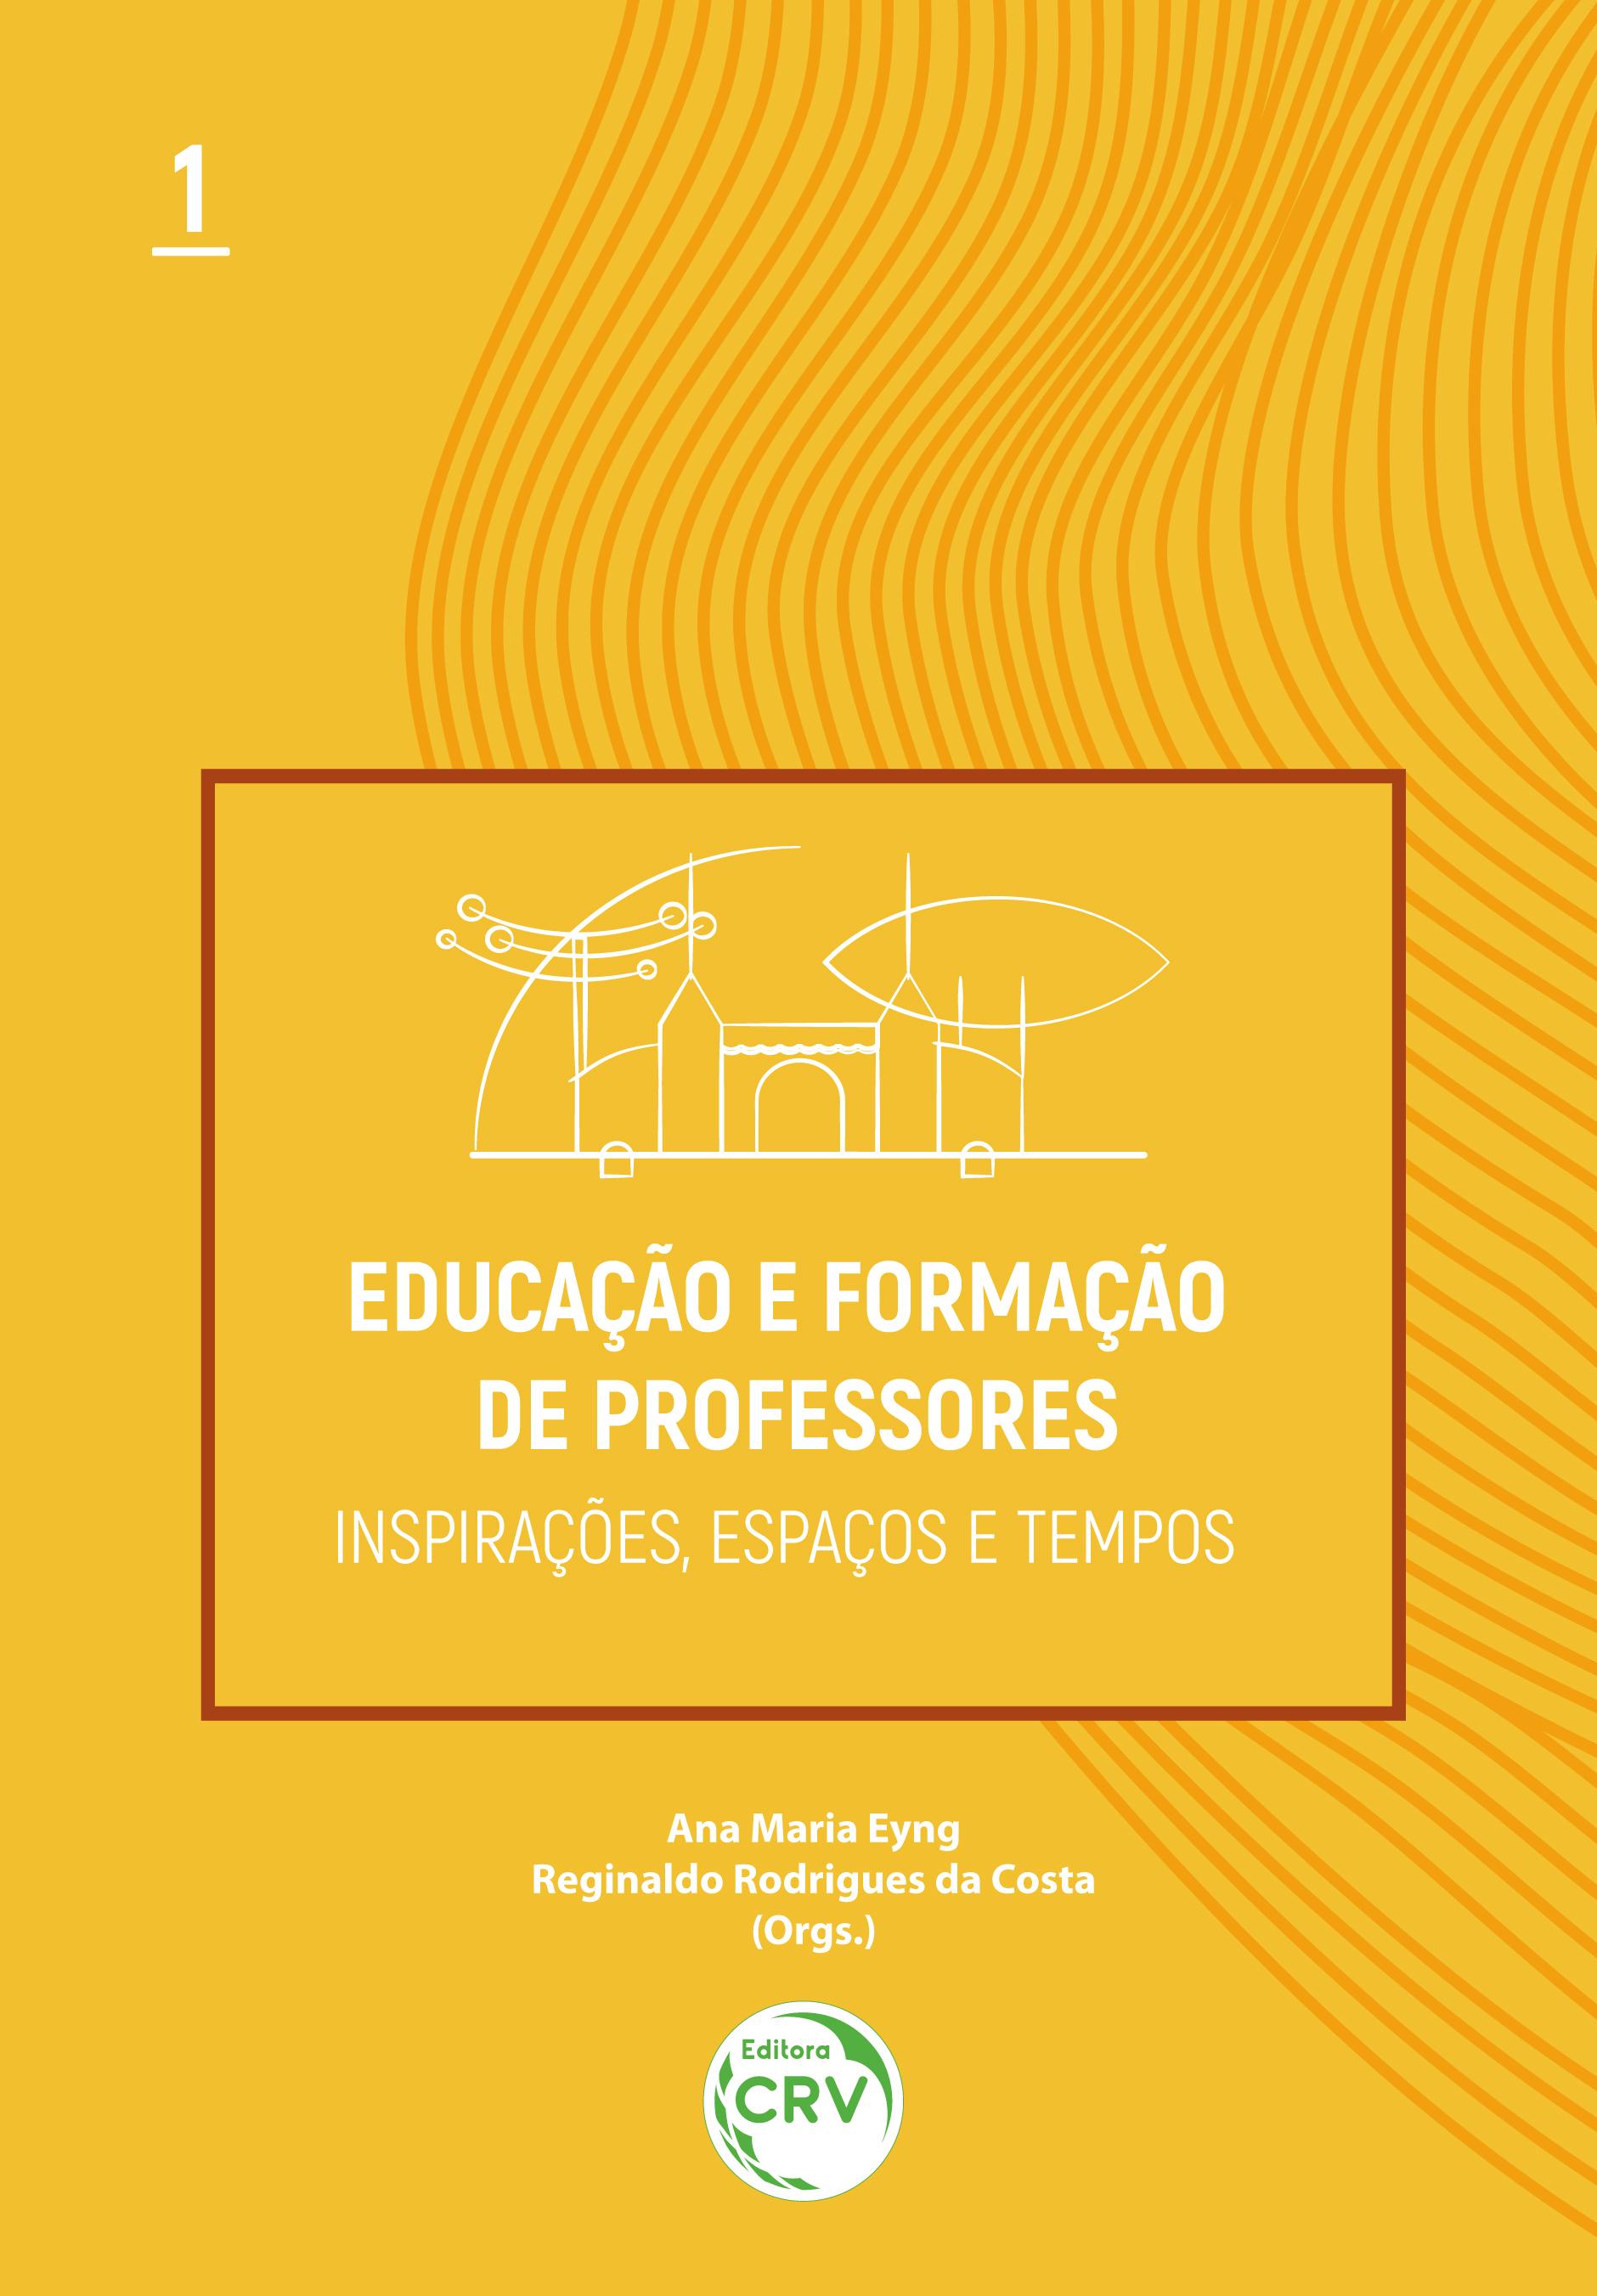 Capa do livro: EDUCAÇÃO E FORMAÇÃO DE PROFESSORES:<br> inspirações, espaços e tempos<br>Volume 1